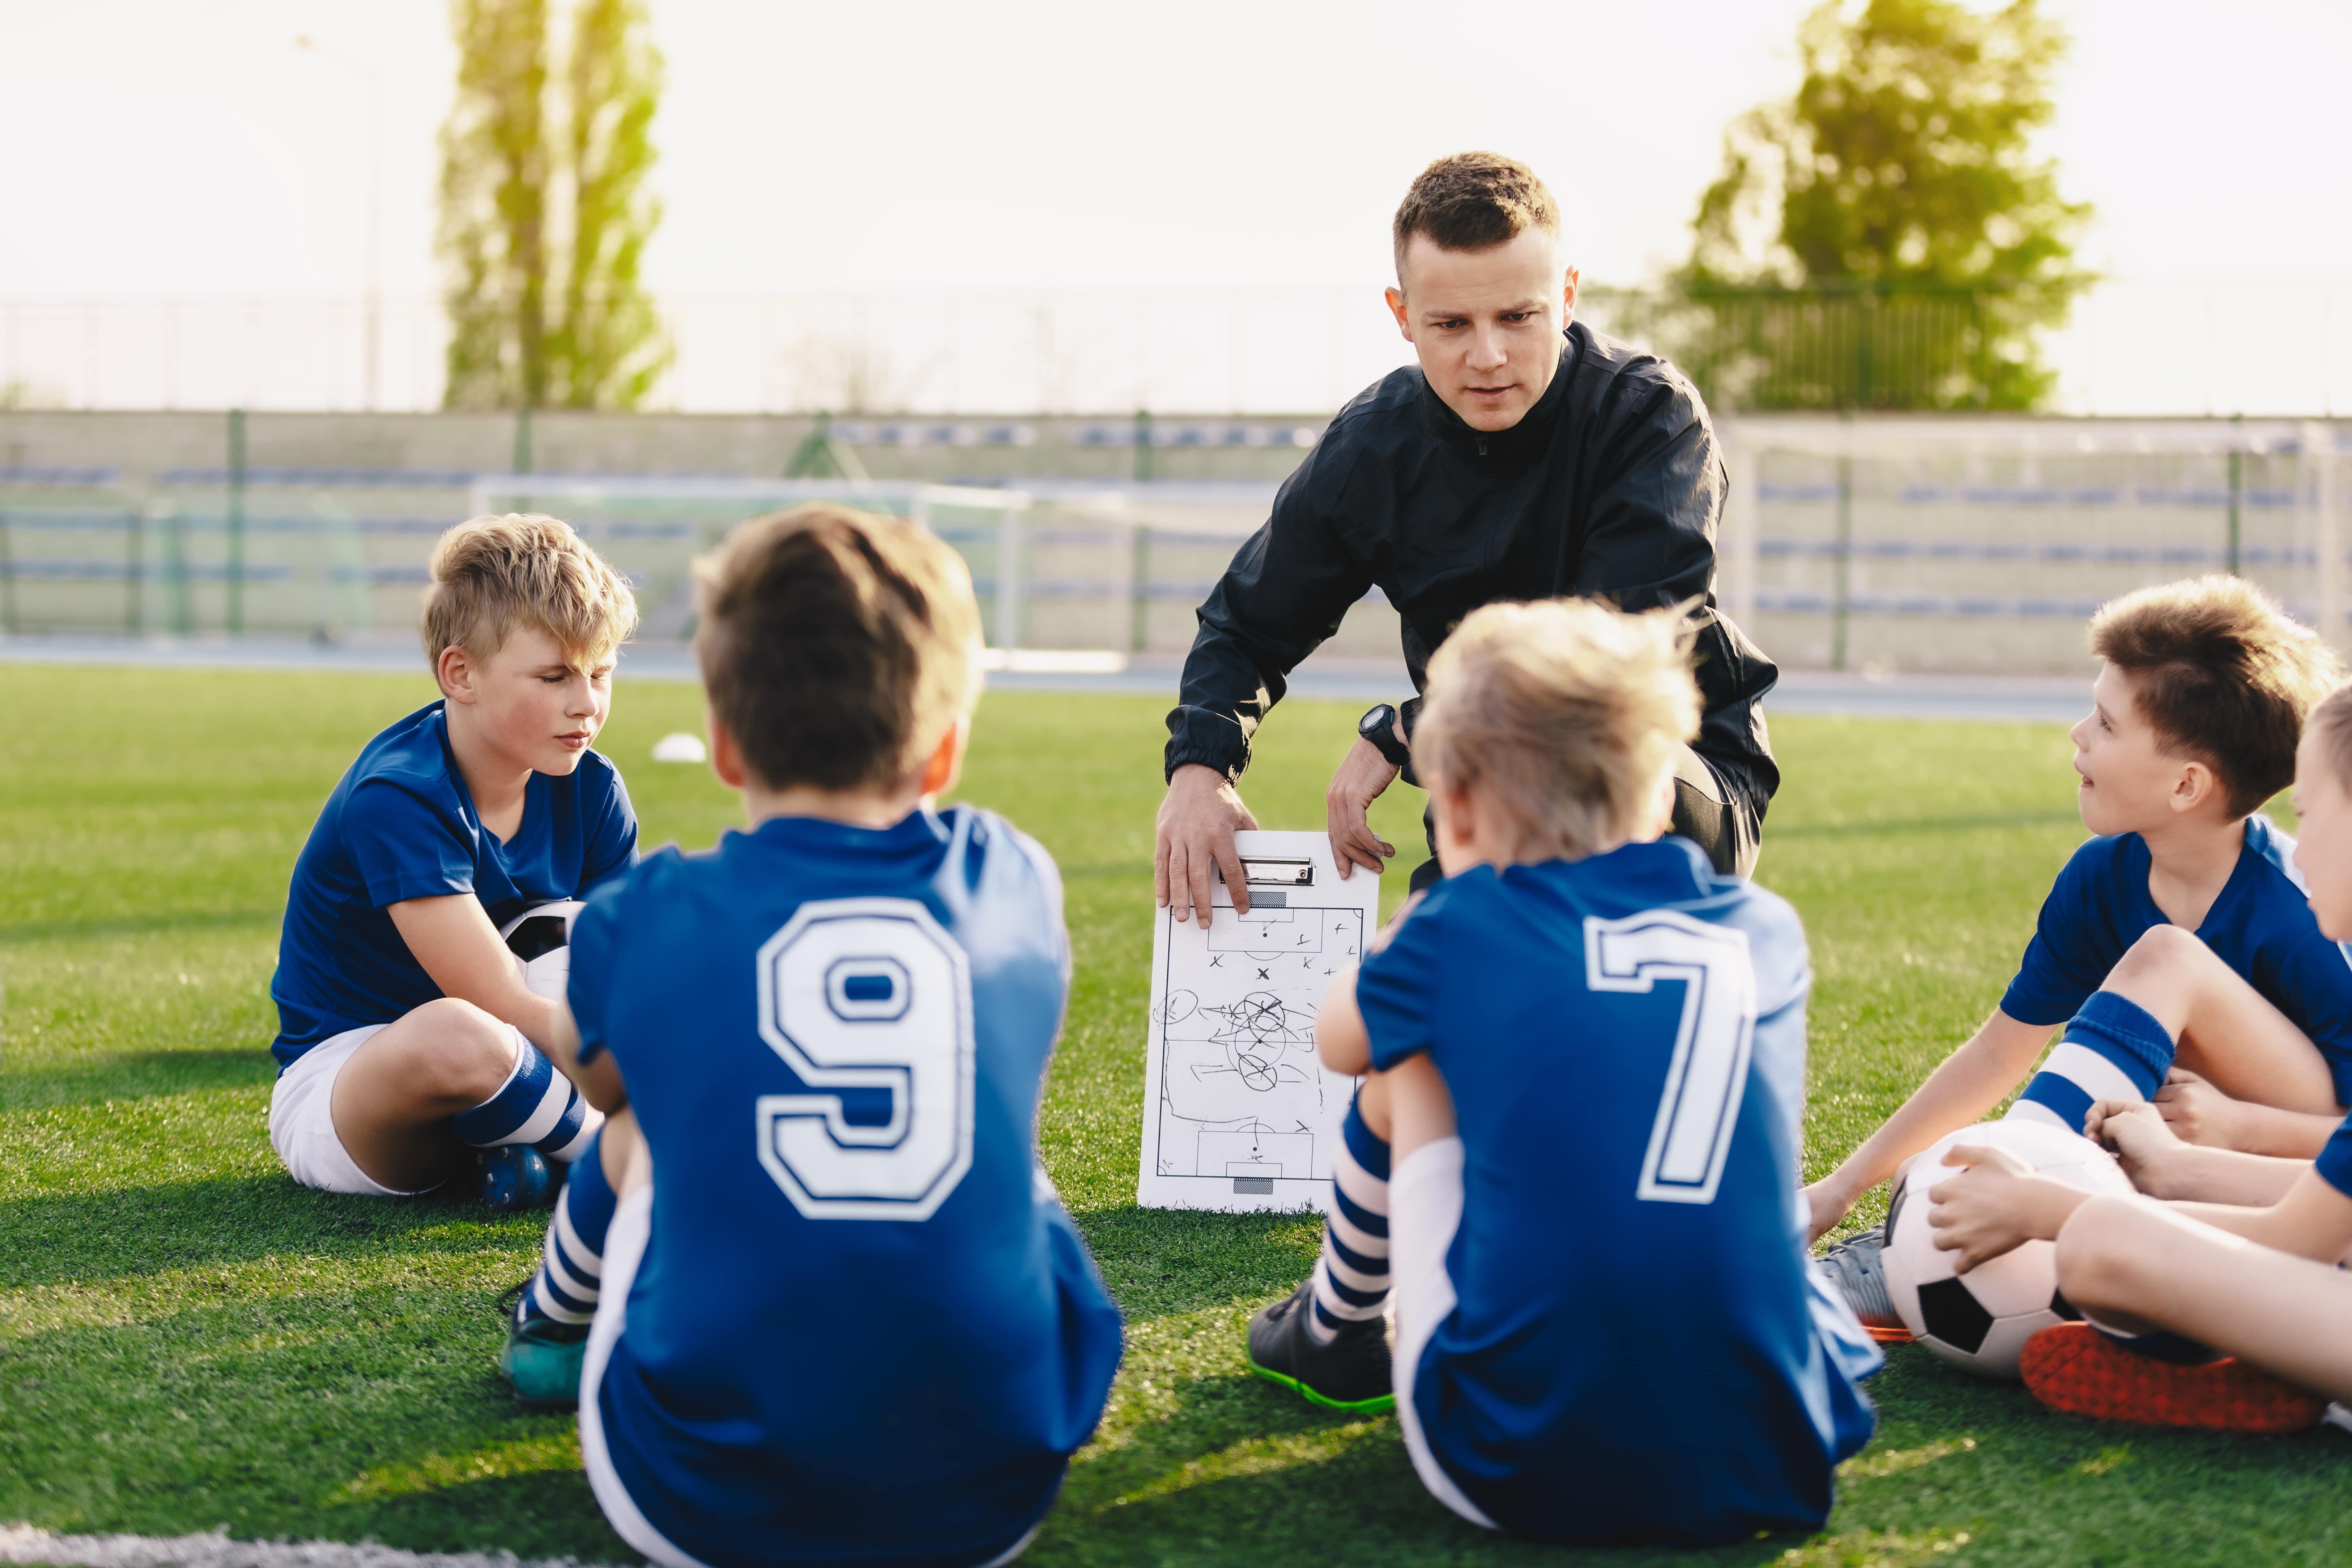 Image représentant un professeur de sport enseignant à ses jeunes élèves